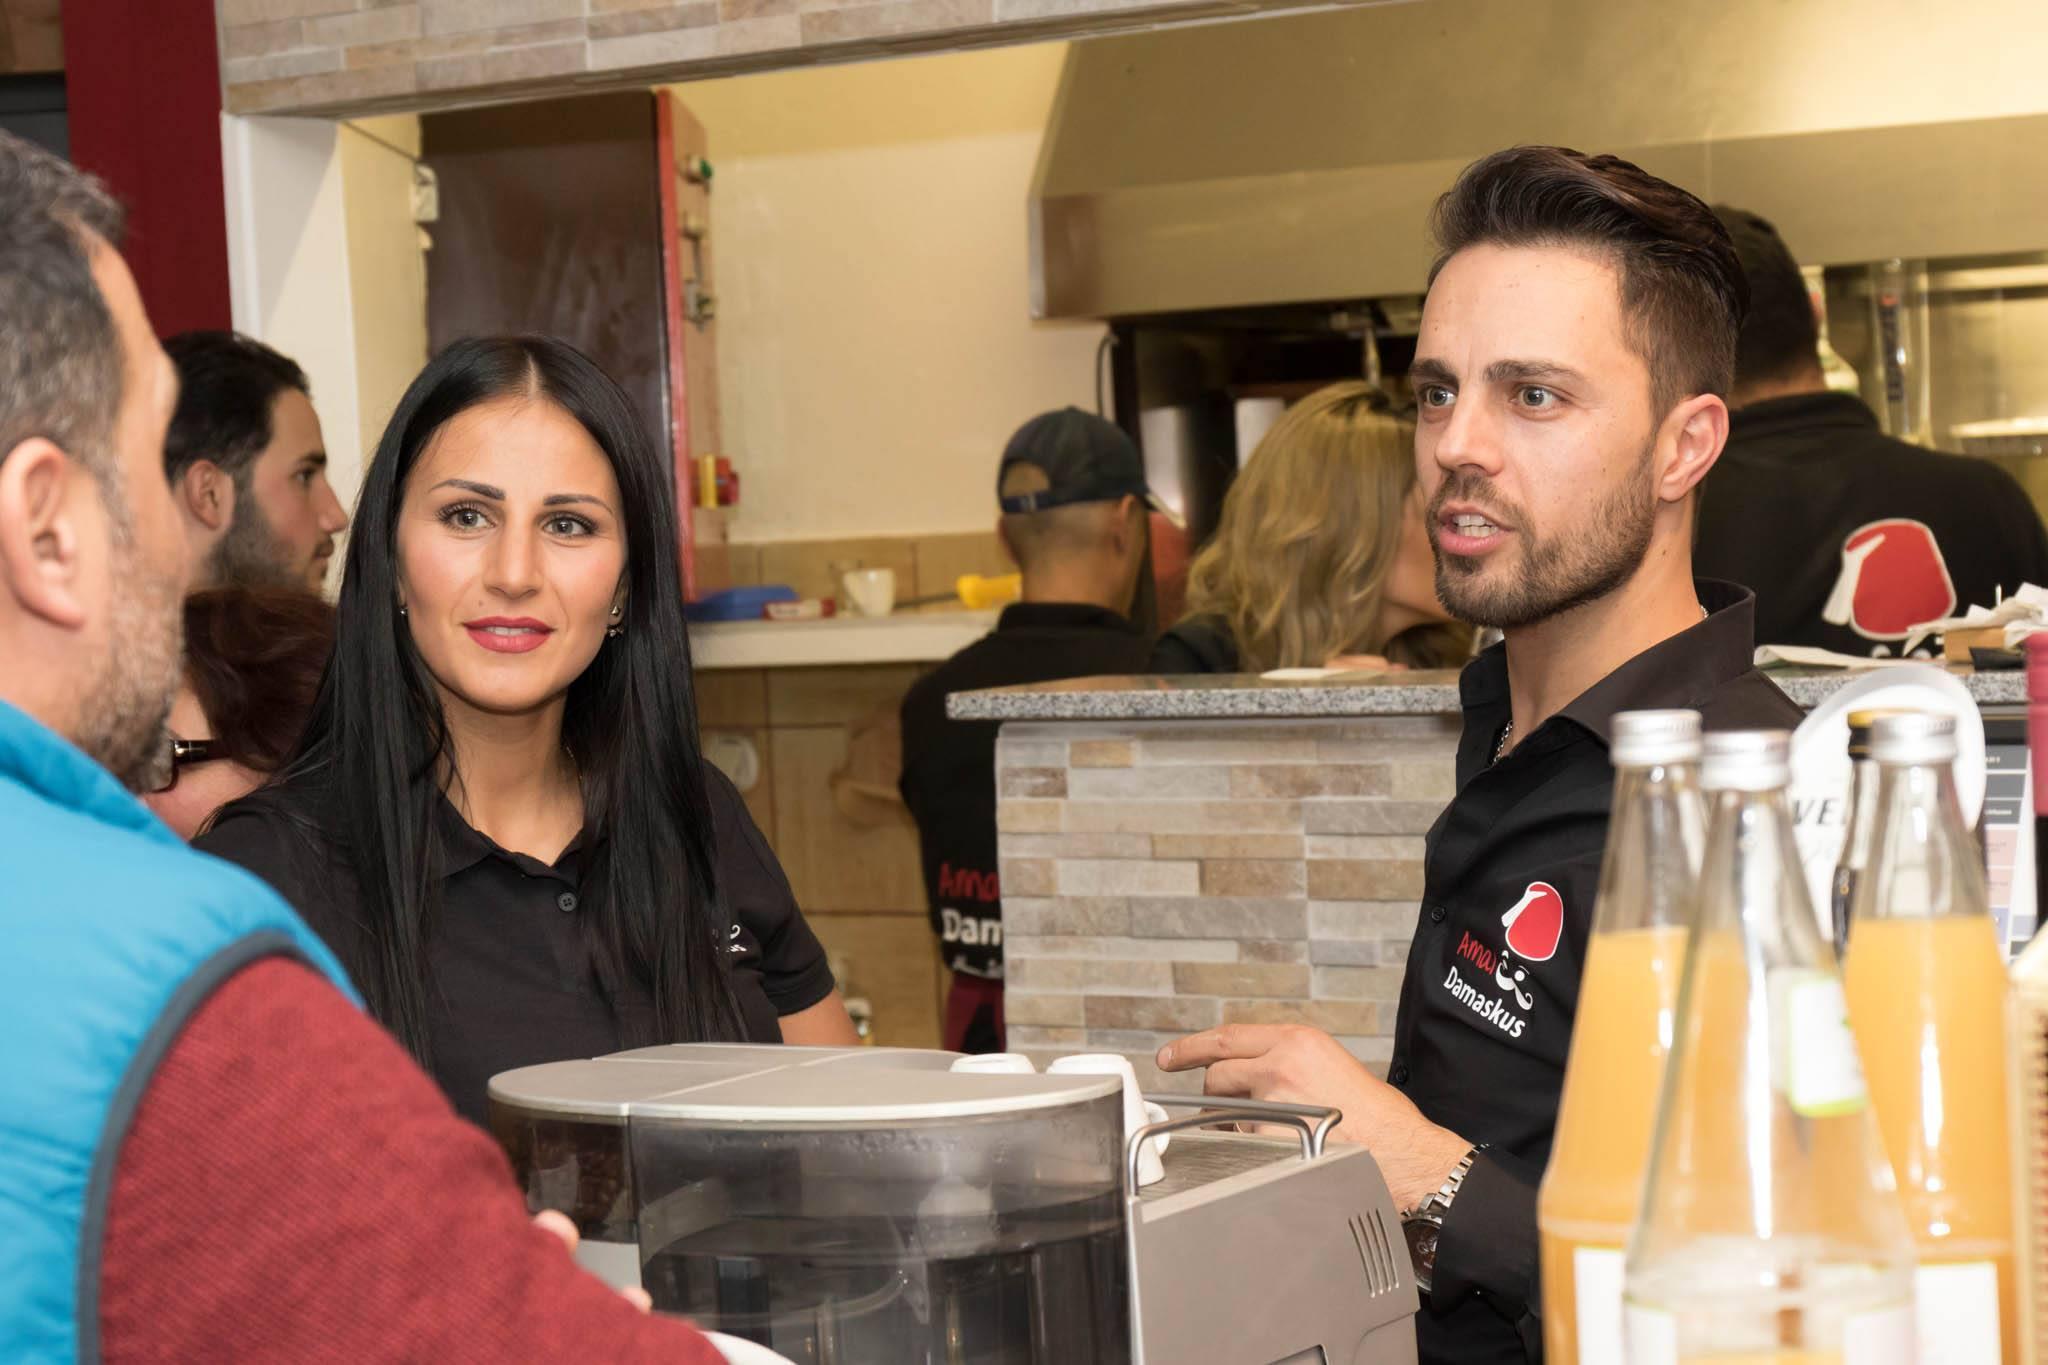 arabisches restaurant g tersloh syrisch essen gehen in g tersloh. Black Bedroom Furniture Sets. Home Design Ideas